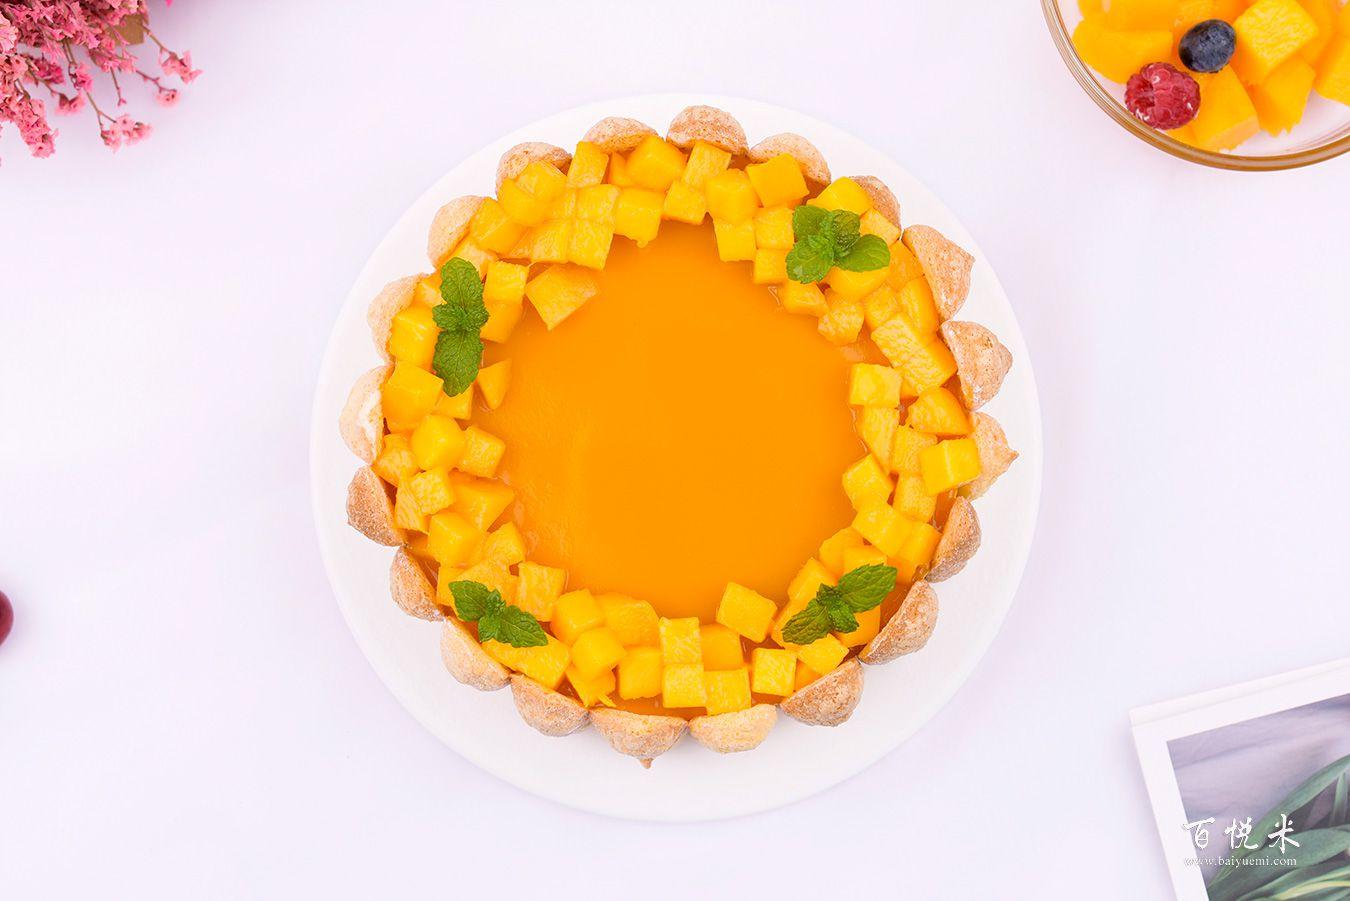 芒果夏洛特蛋糕高清图片大全【蛋糕图片】_460